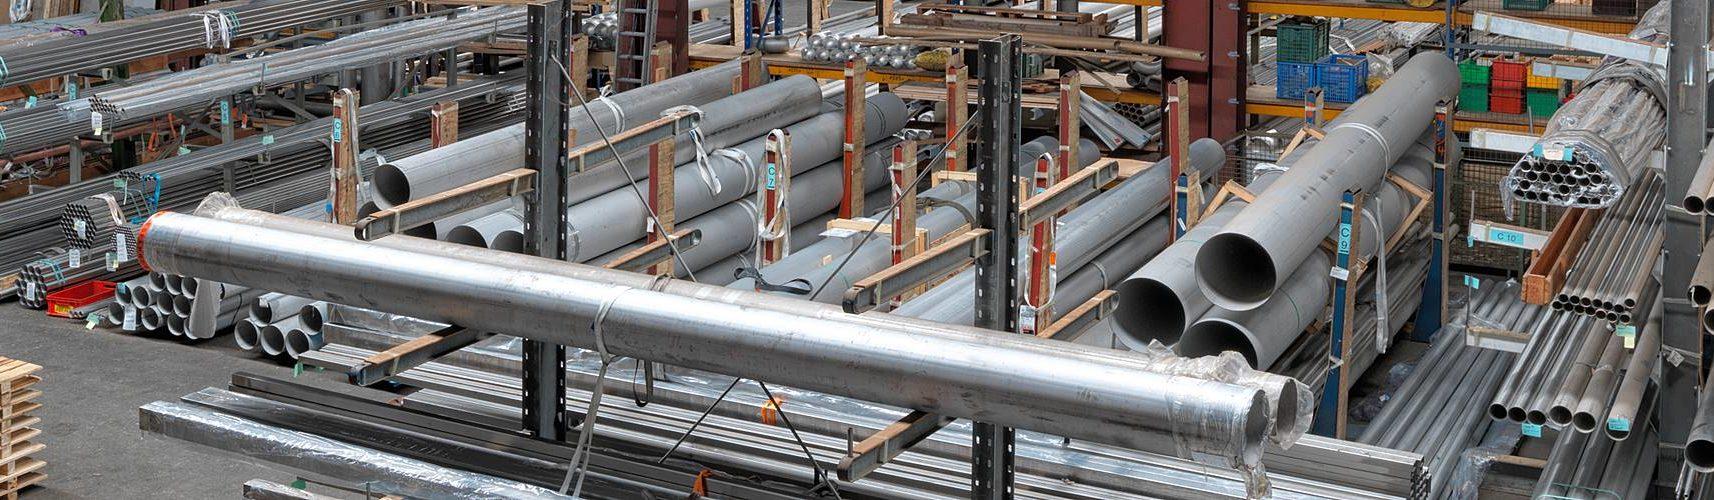 Edelstahlrohre Herstellung und Lagerung